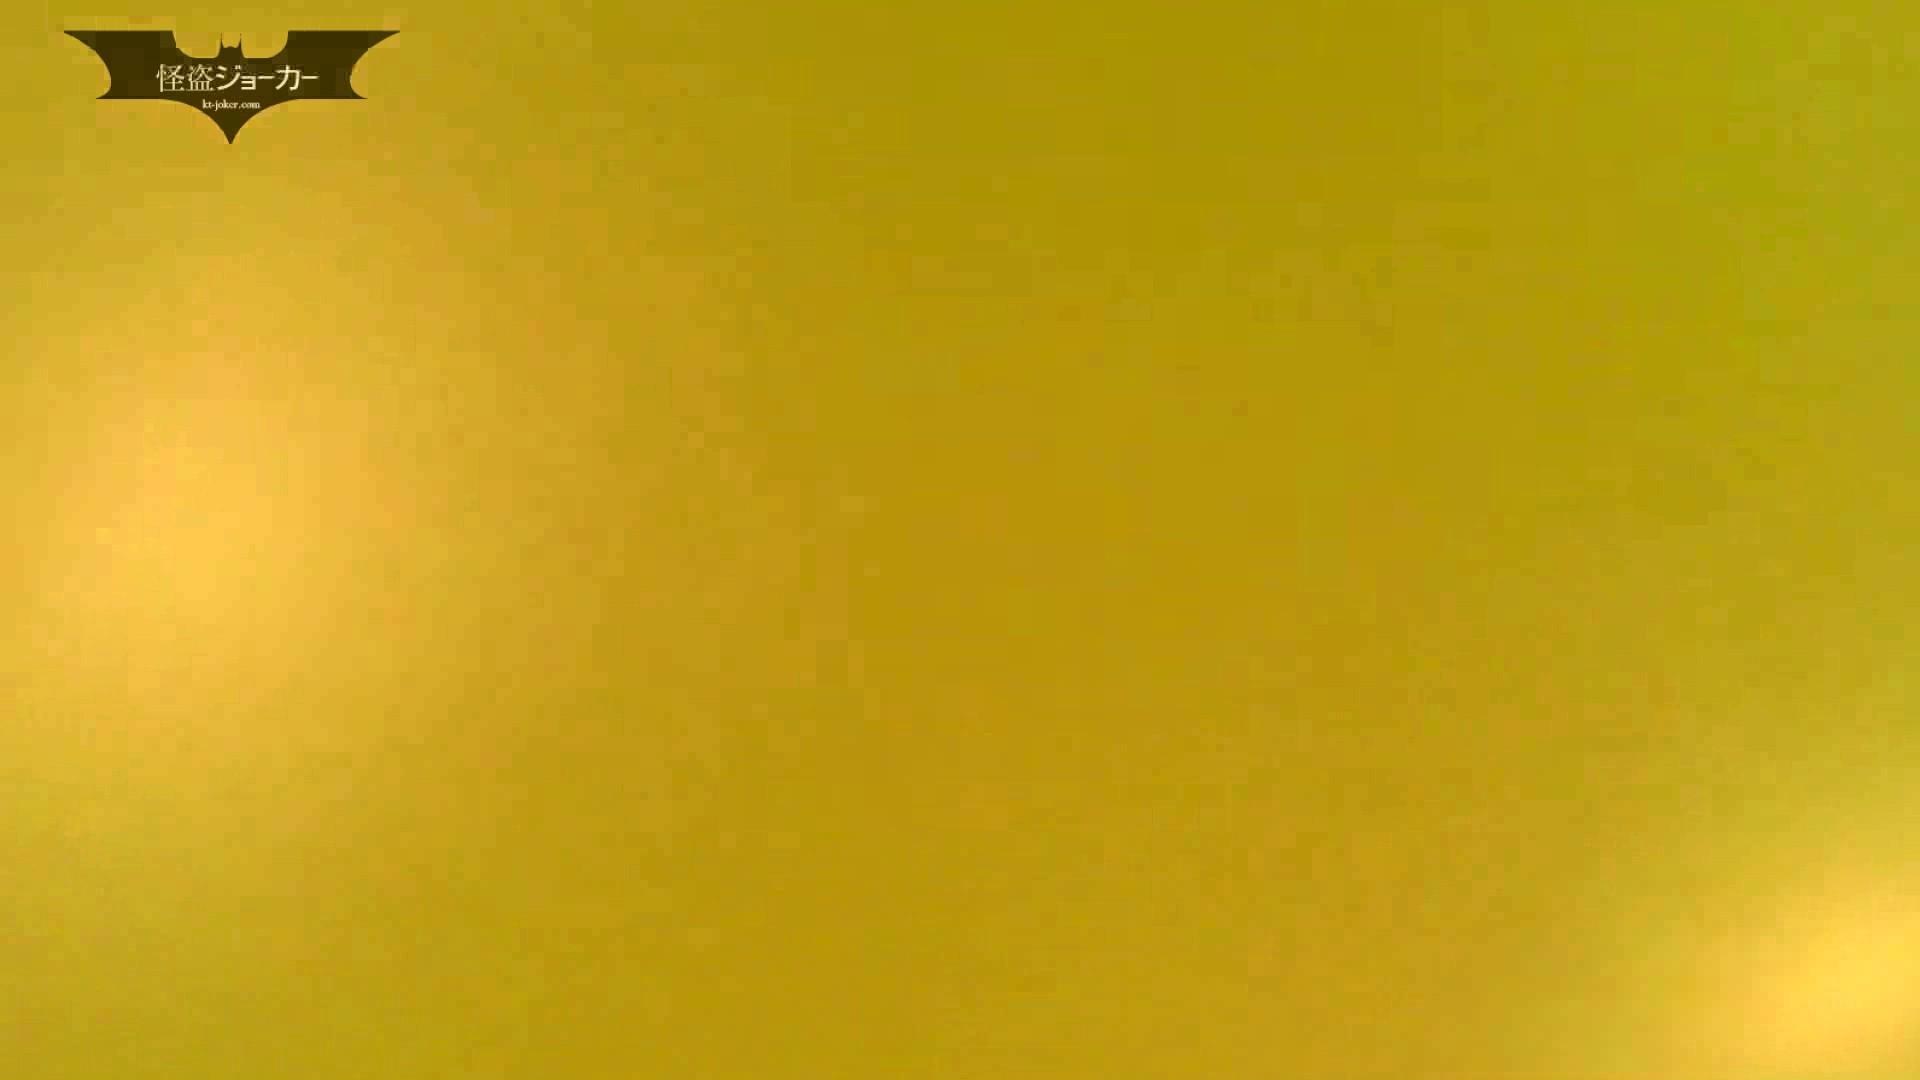 夏の思い出浜辺トイレ盗撮Vol.08 むっちり エロ画像 88画像 57